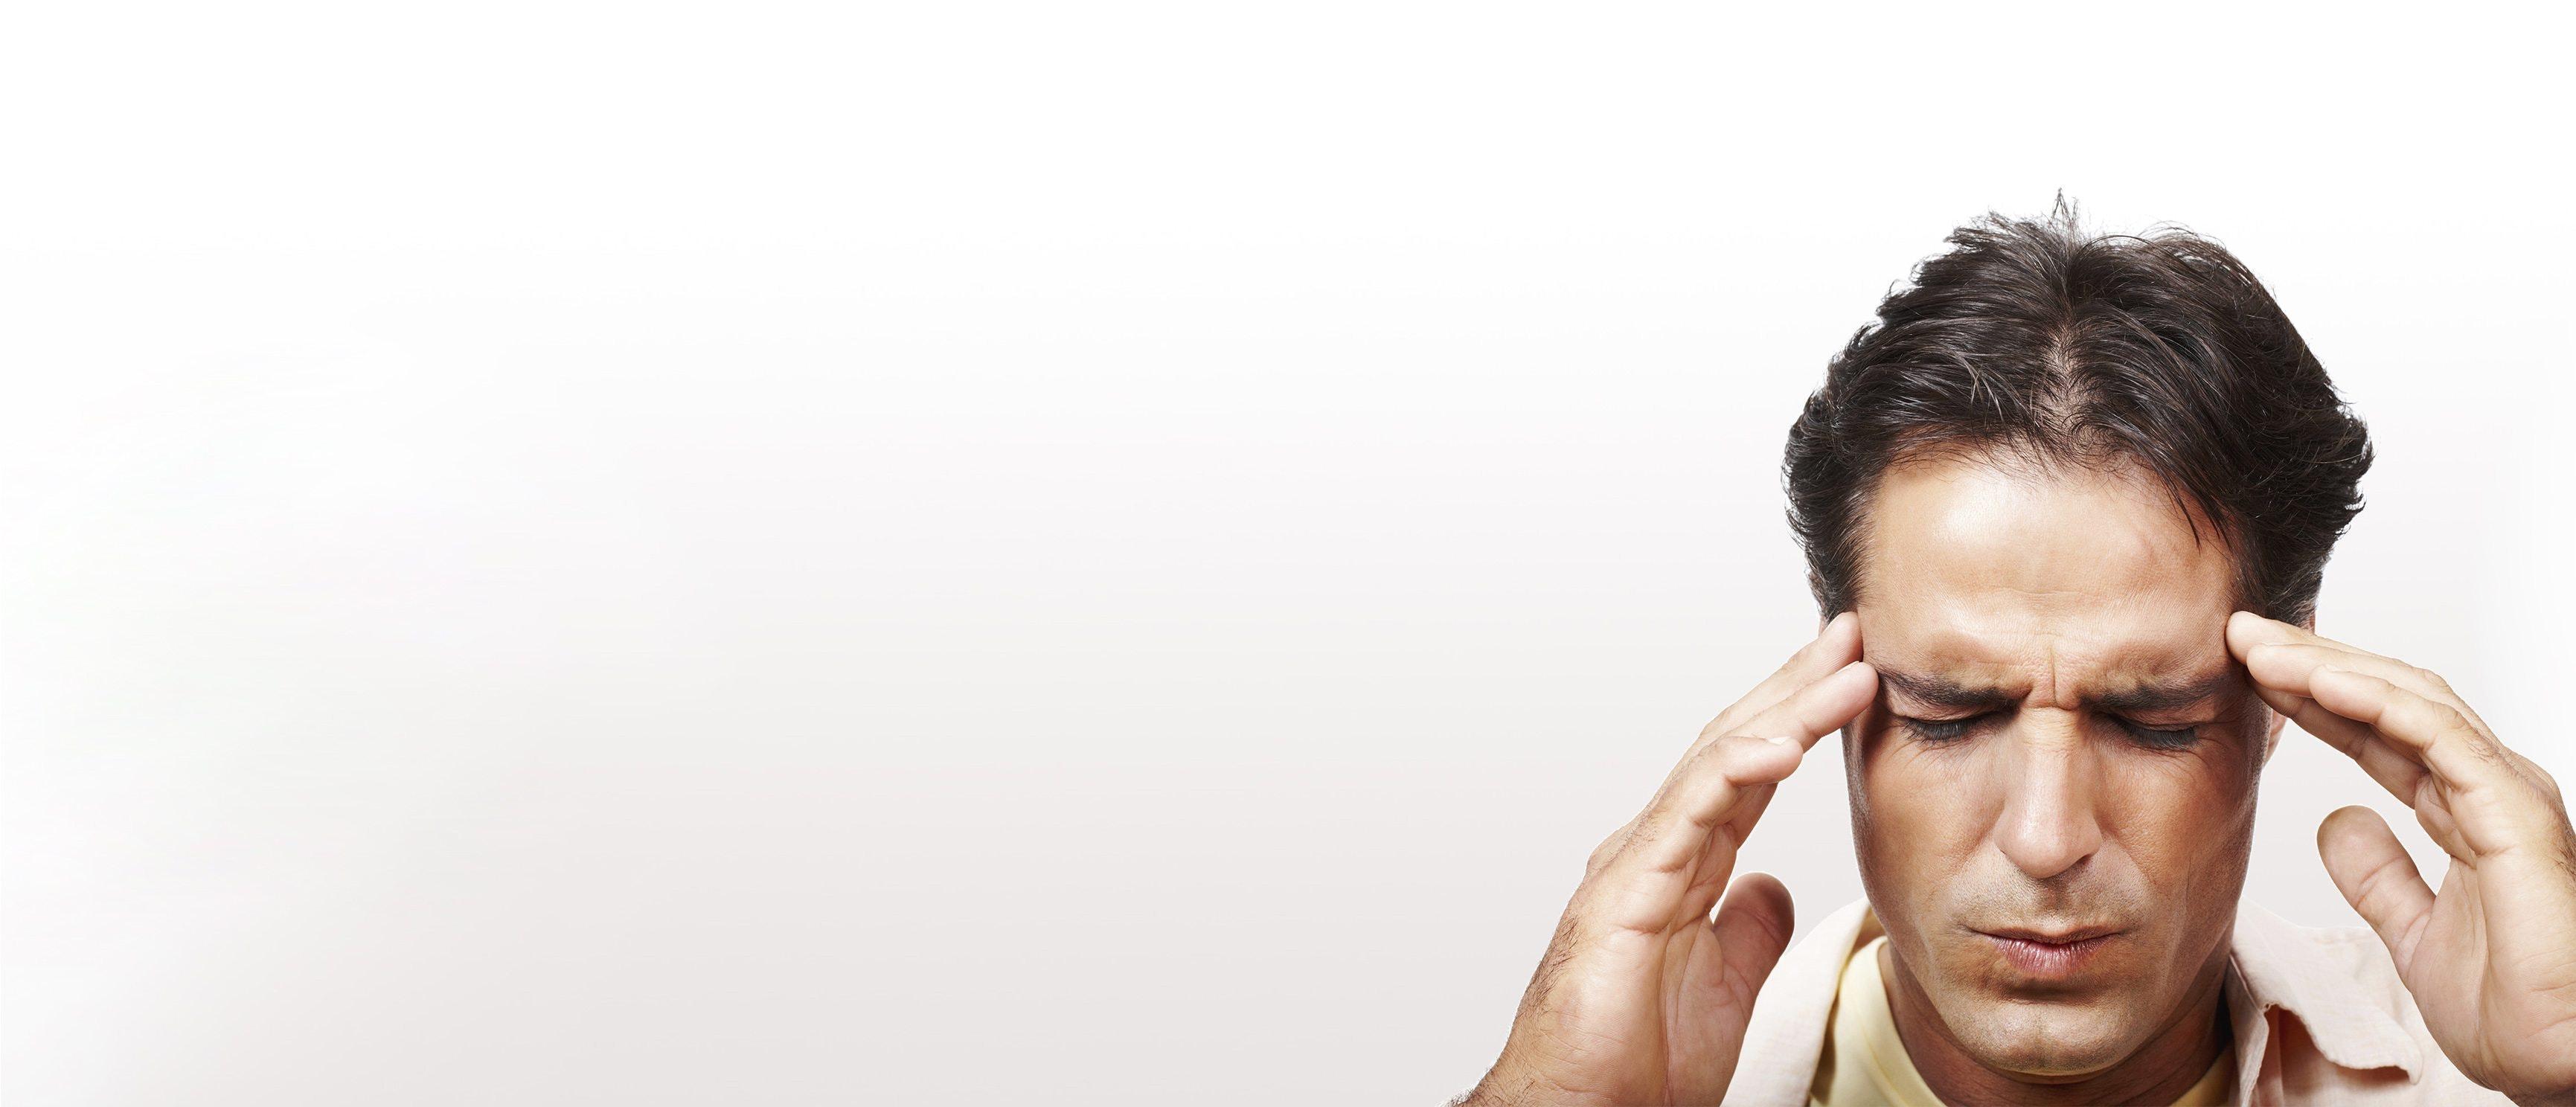 förstoppning illamående huvudvärk